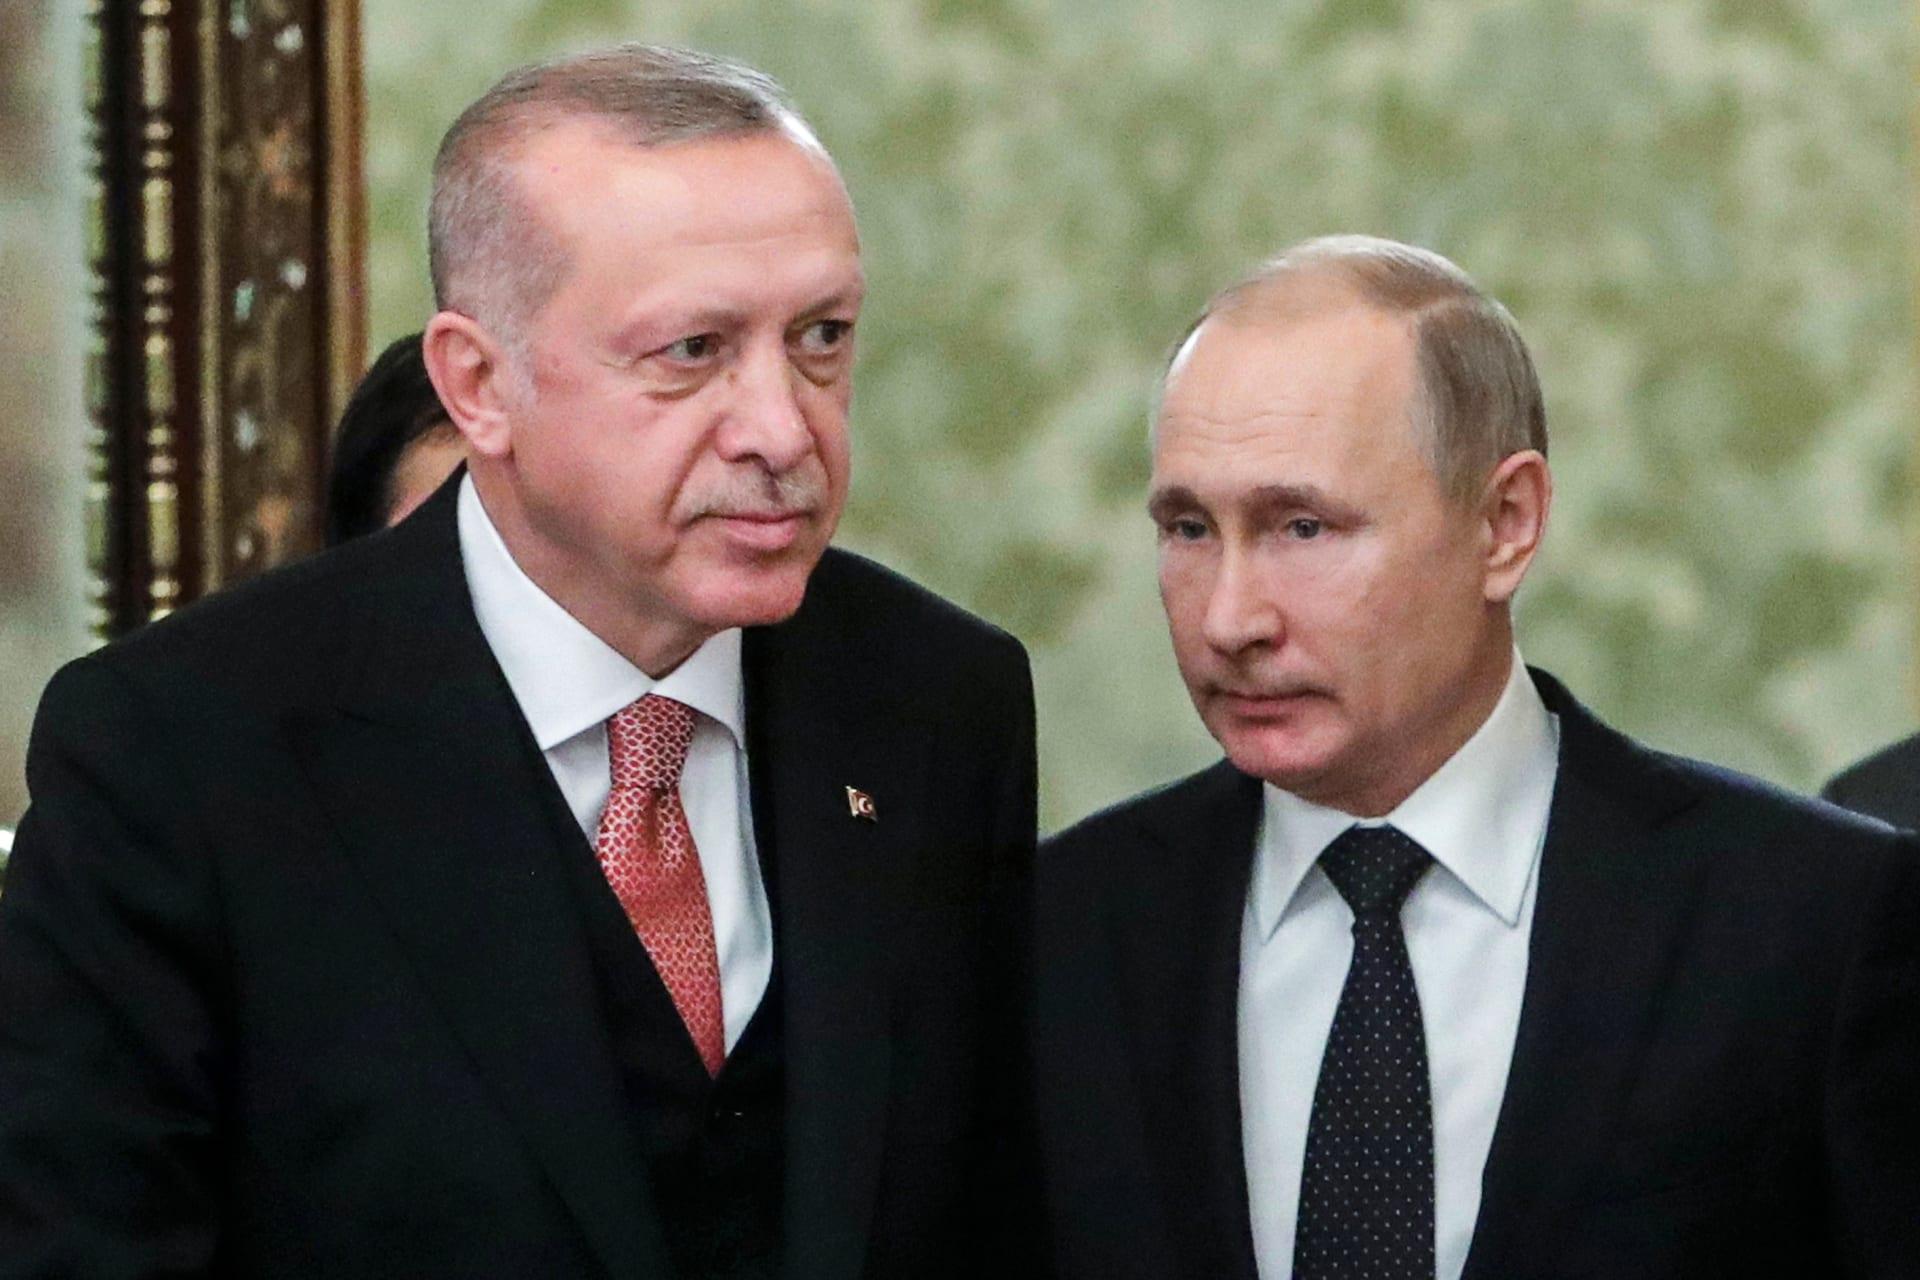 أردوغان: التجارة بالعملات المحلية تحمينا من إملاءات الدول الأخرى